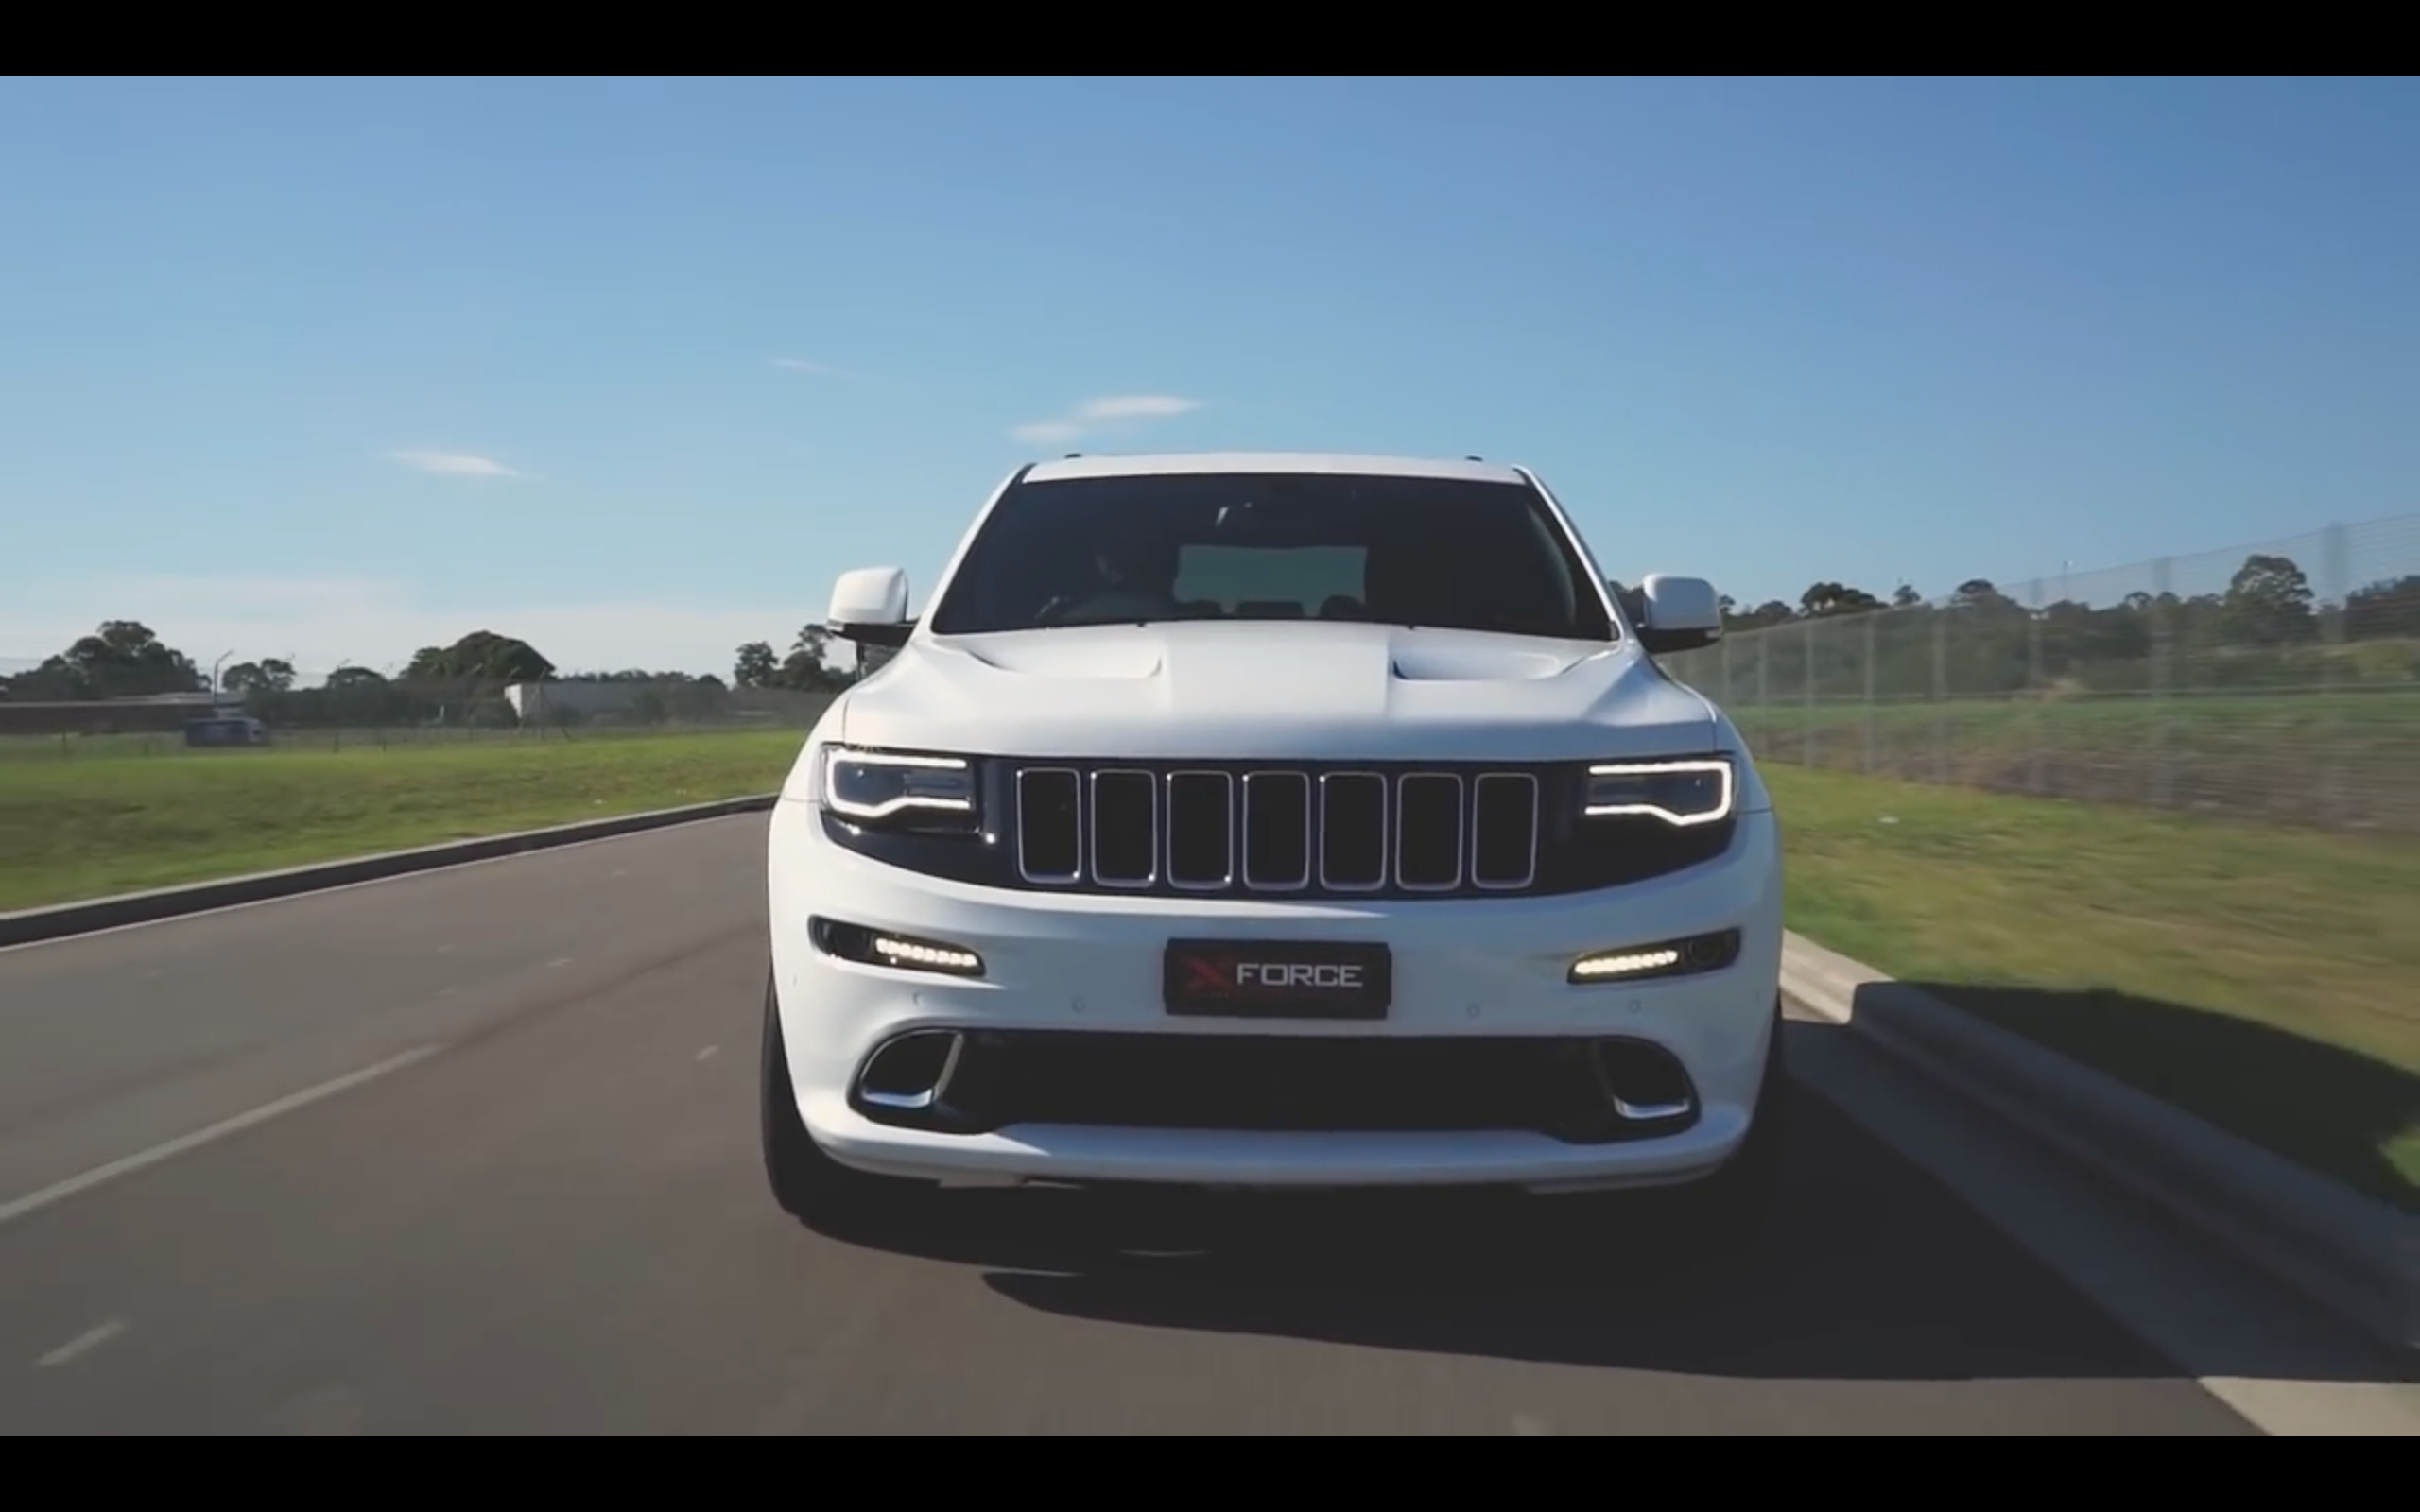 Video Xforce Exhaust Wk2 Jeep Grand Cherokee Srt Jeep Grand Cherokee Srt Jeep Grand Cherokee Srt